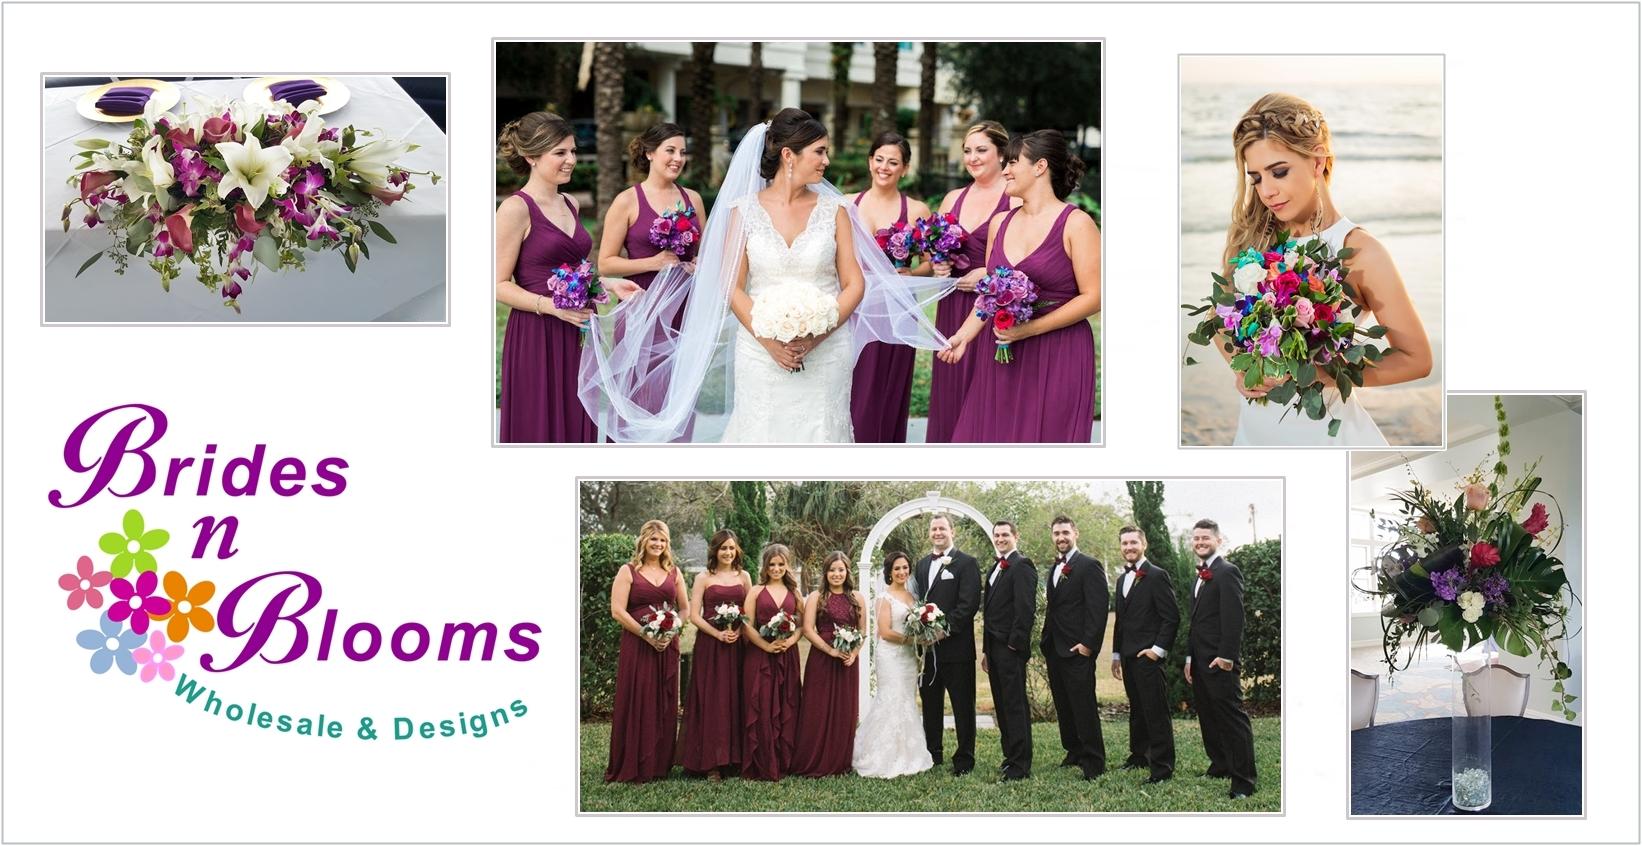 Brides N Blooms, Designs